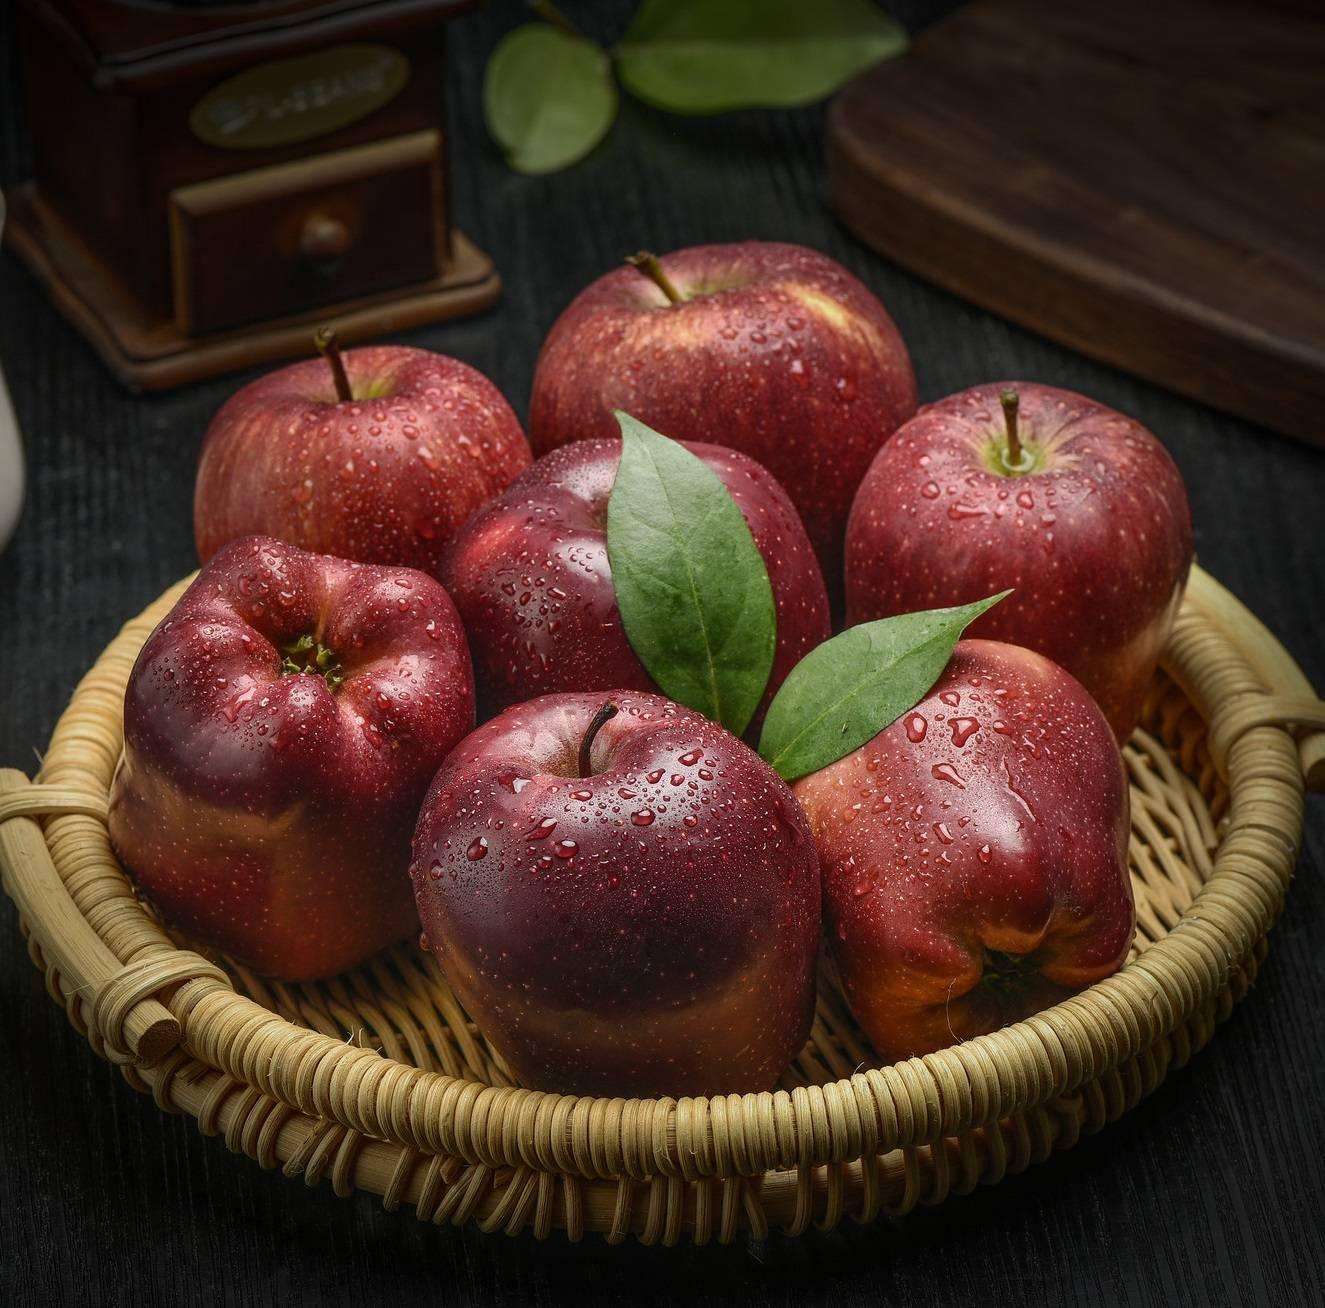 甘肃特产天水花牛苹果8斤粉面苹果净重75mm大果18粒孕妇水果萍果